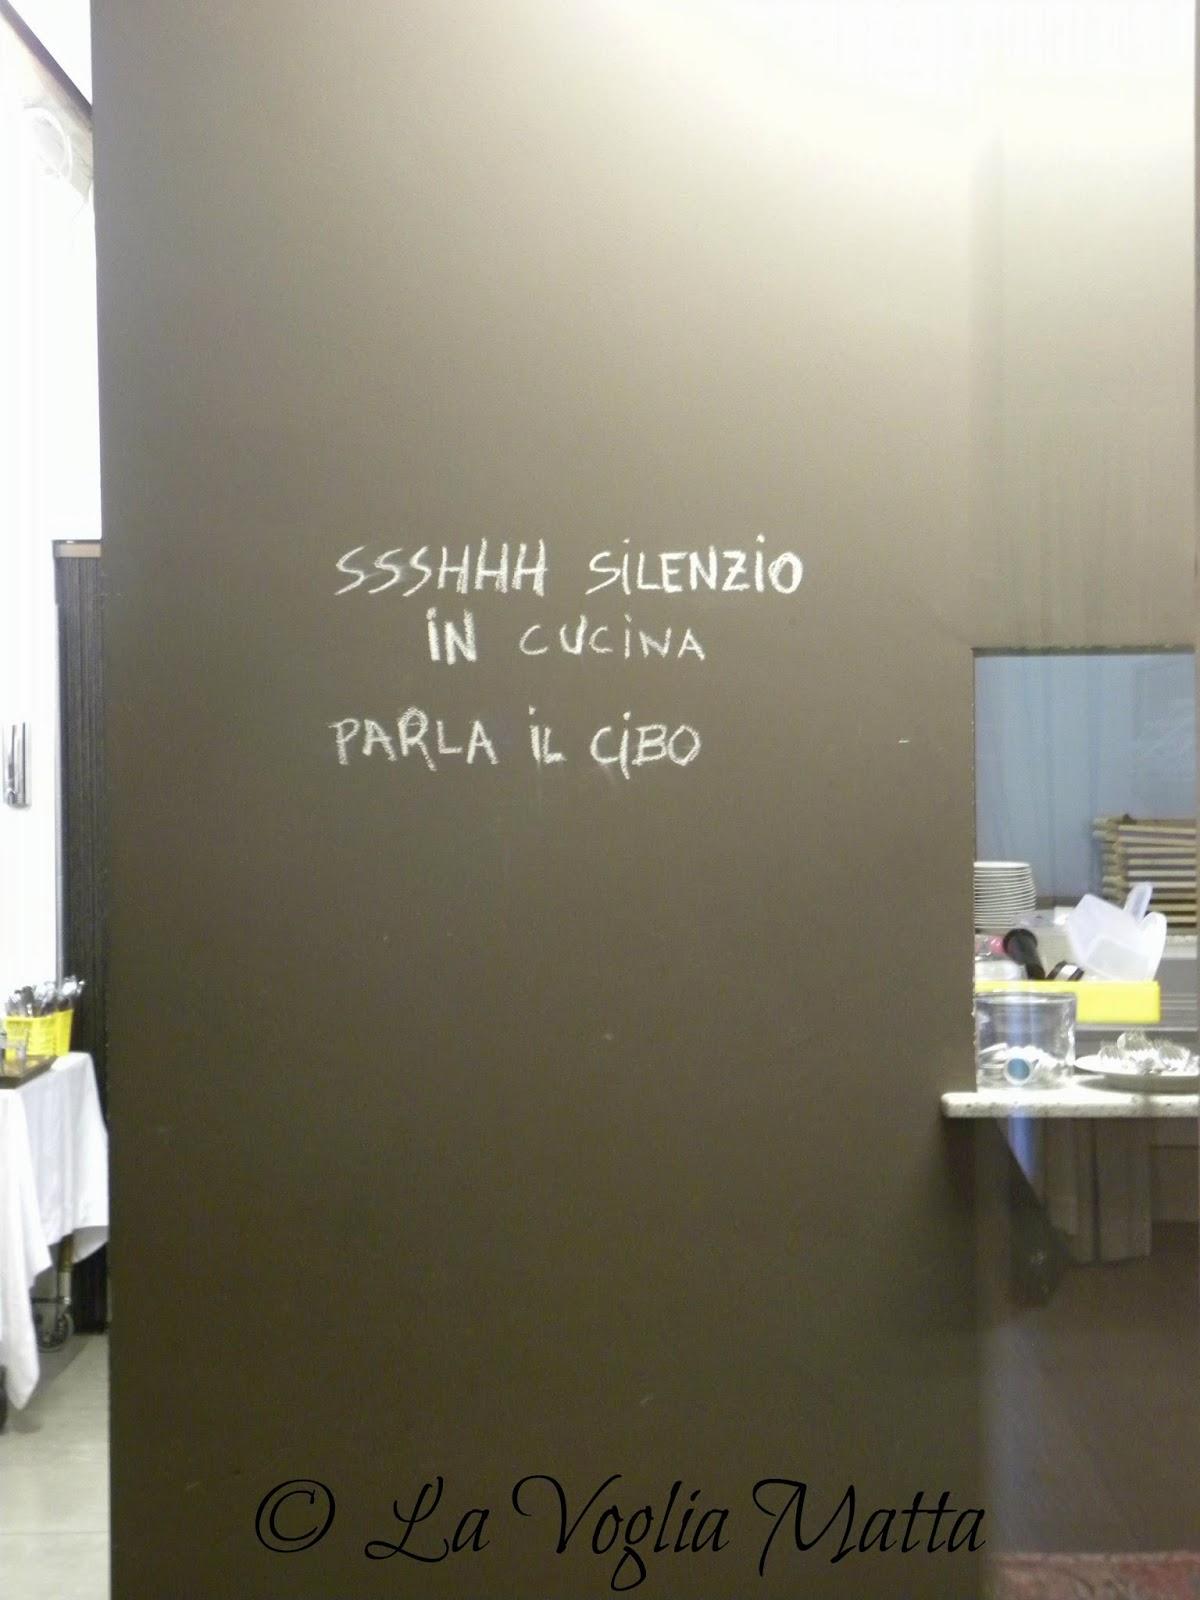 Orsone scritta sulla porta della cucina